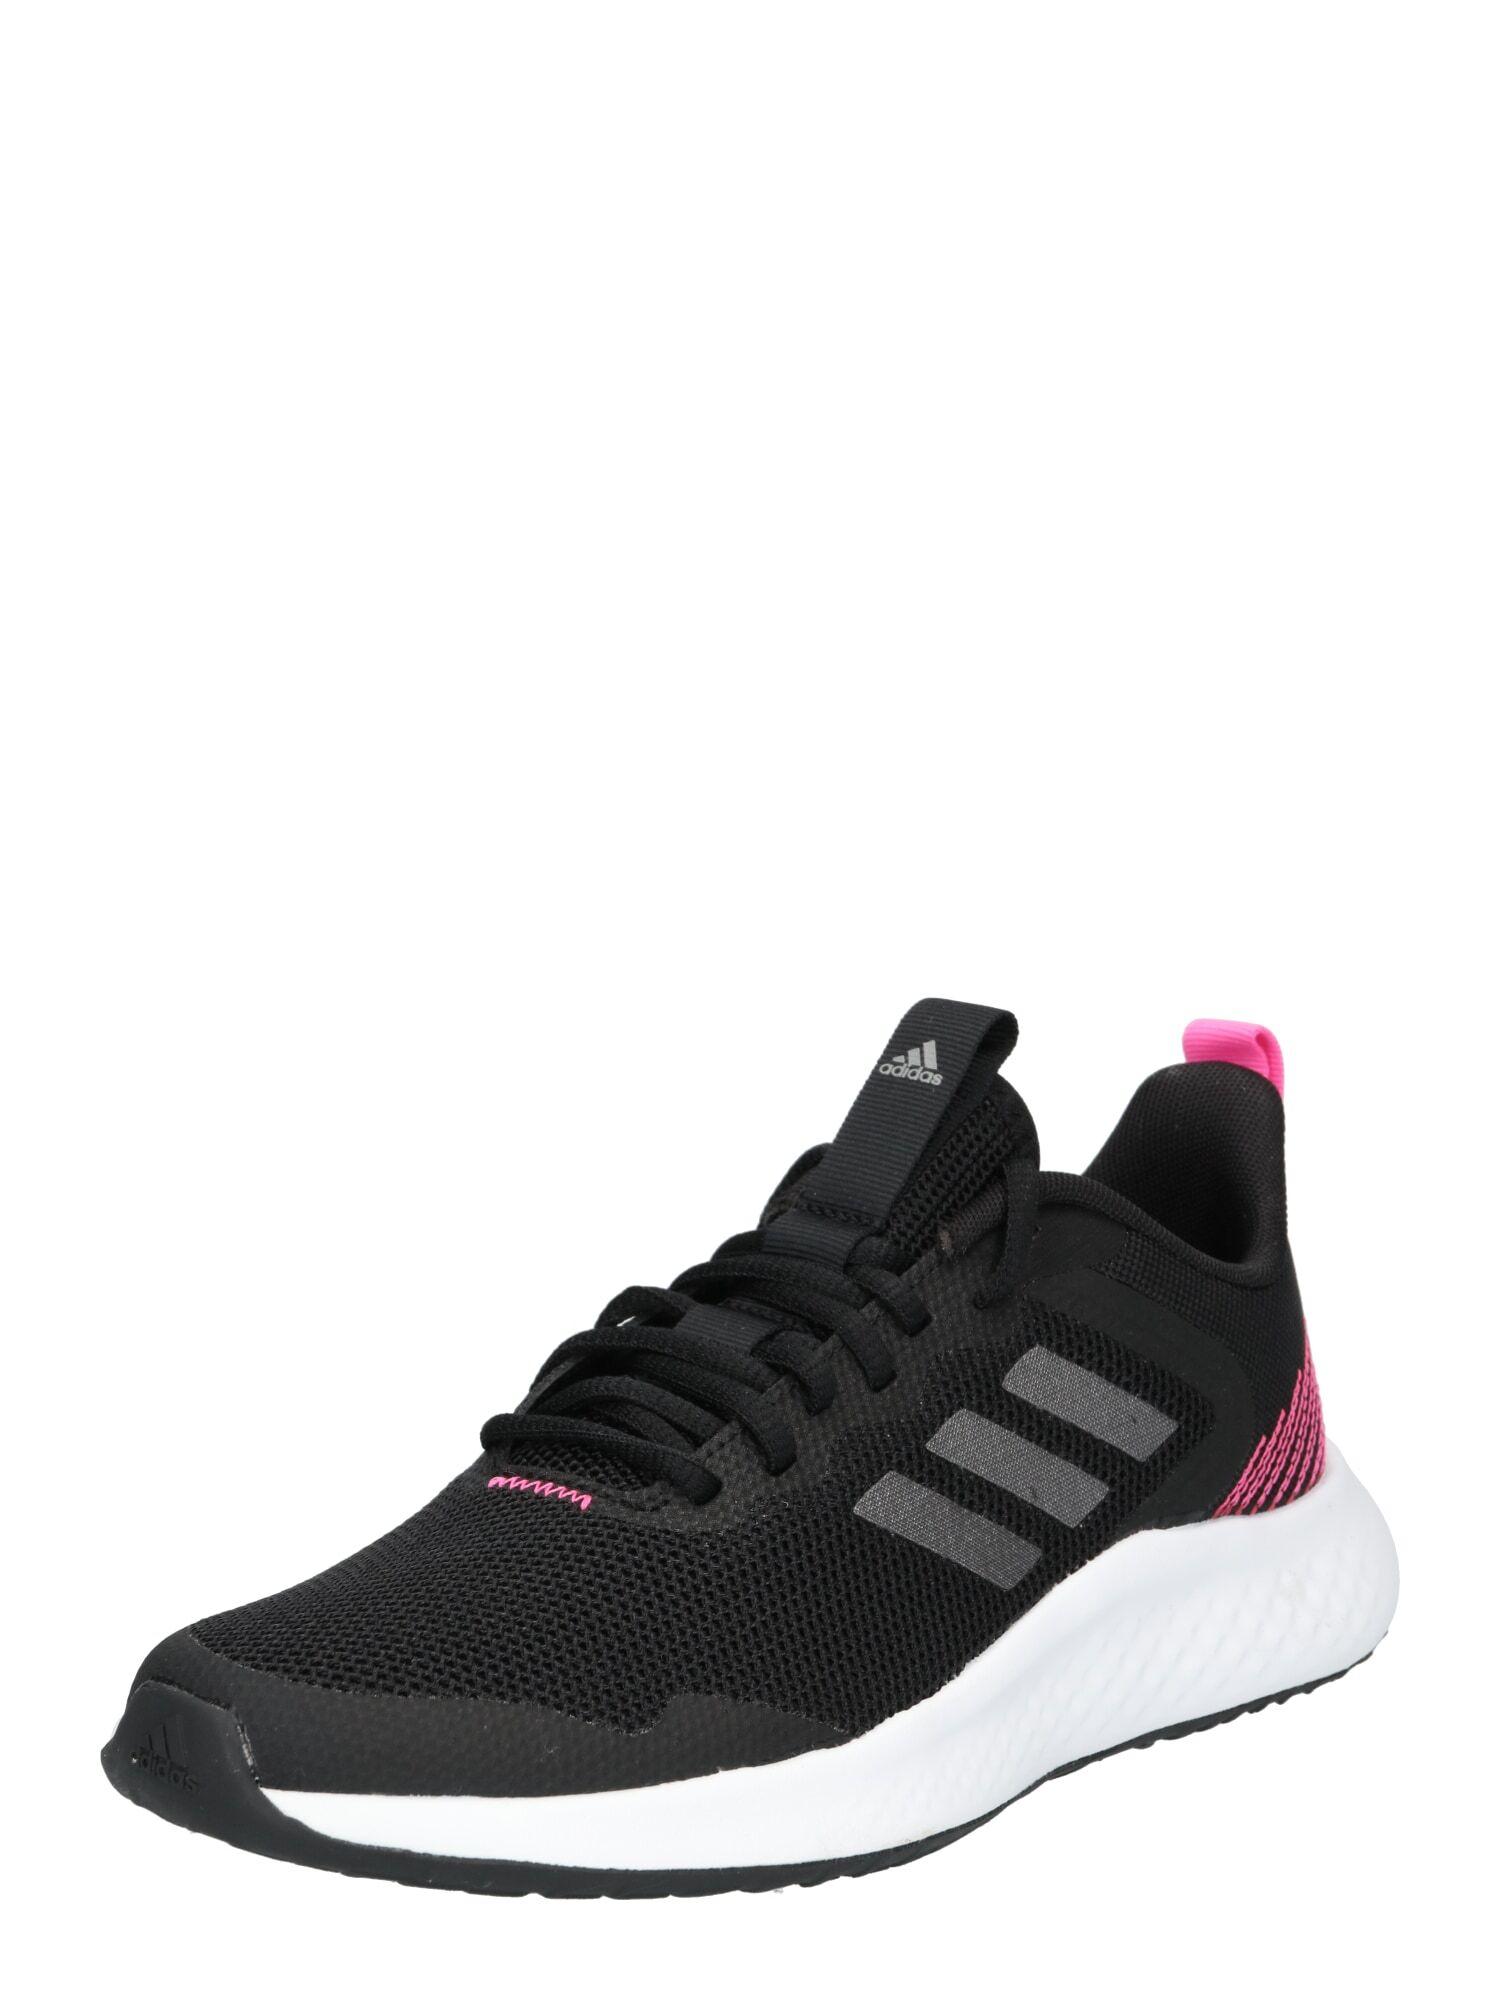 ADIDAS PERFORMANCE Chaussure de course  - Noir - Taille: 40.5-41 - female